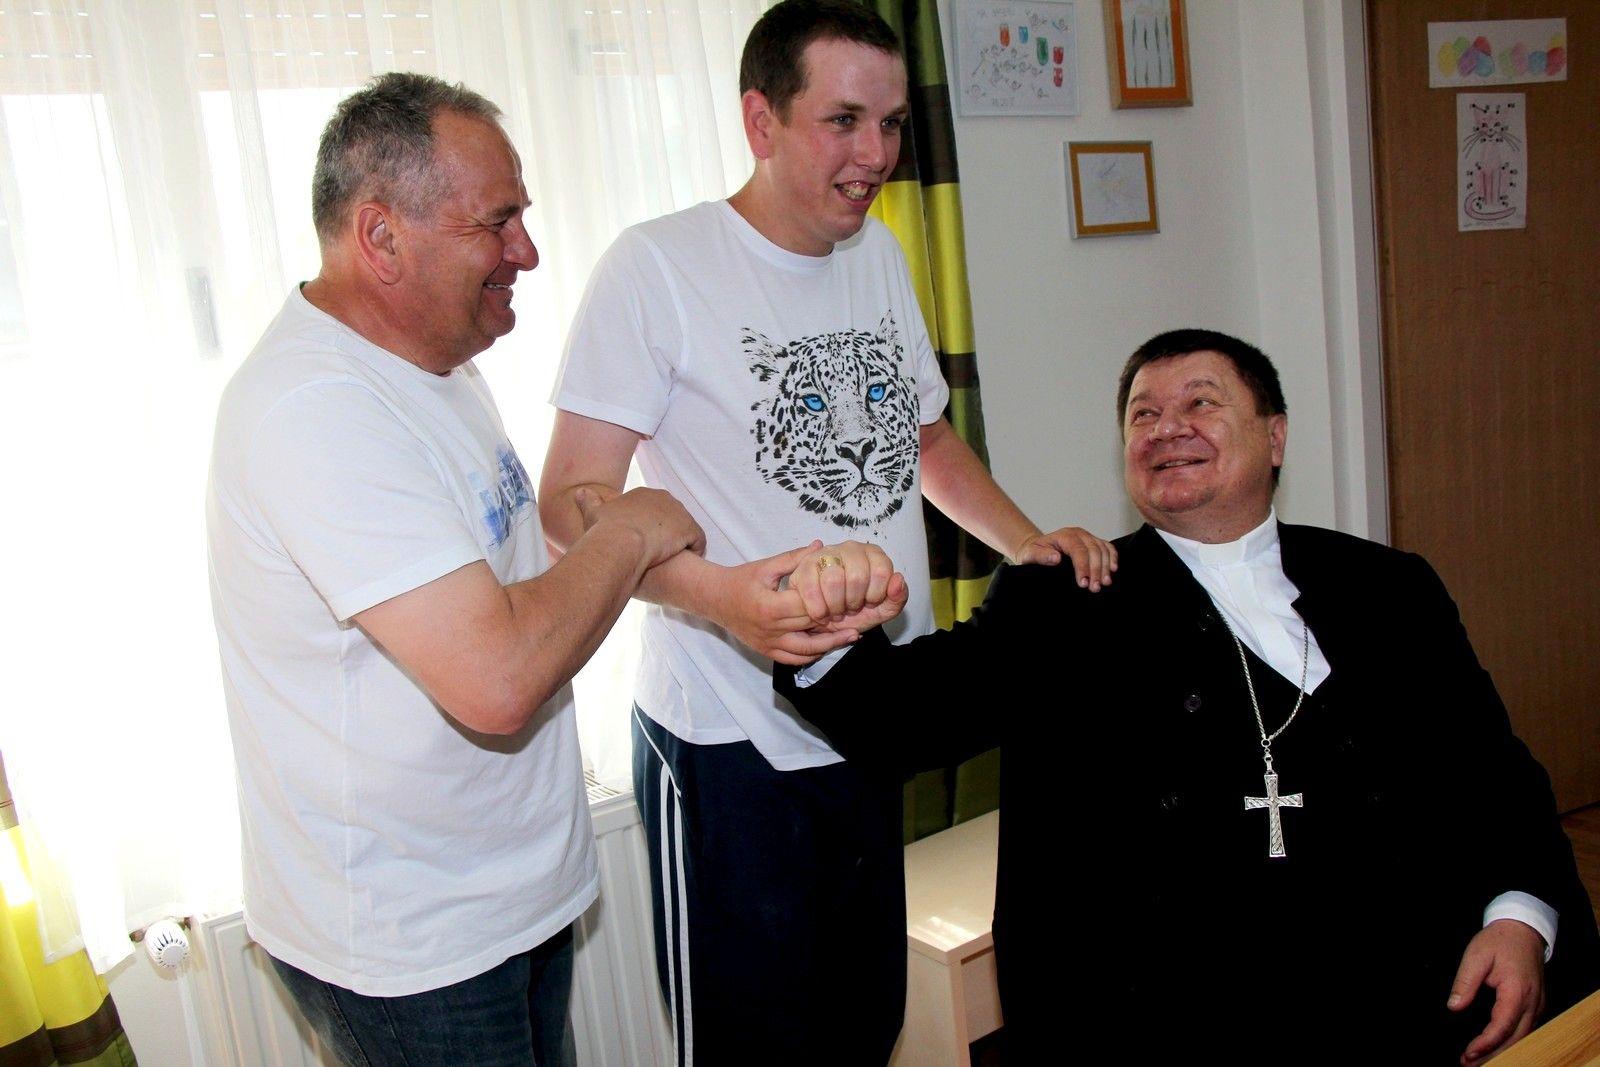 Bjelovarsko-križevački biskup mons. Vjekoslav Huzjak posjetio bjelovarsku Udrugu za autizam